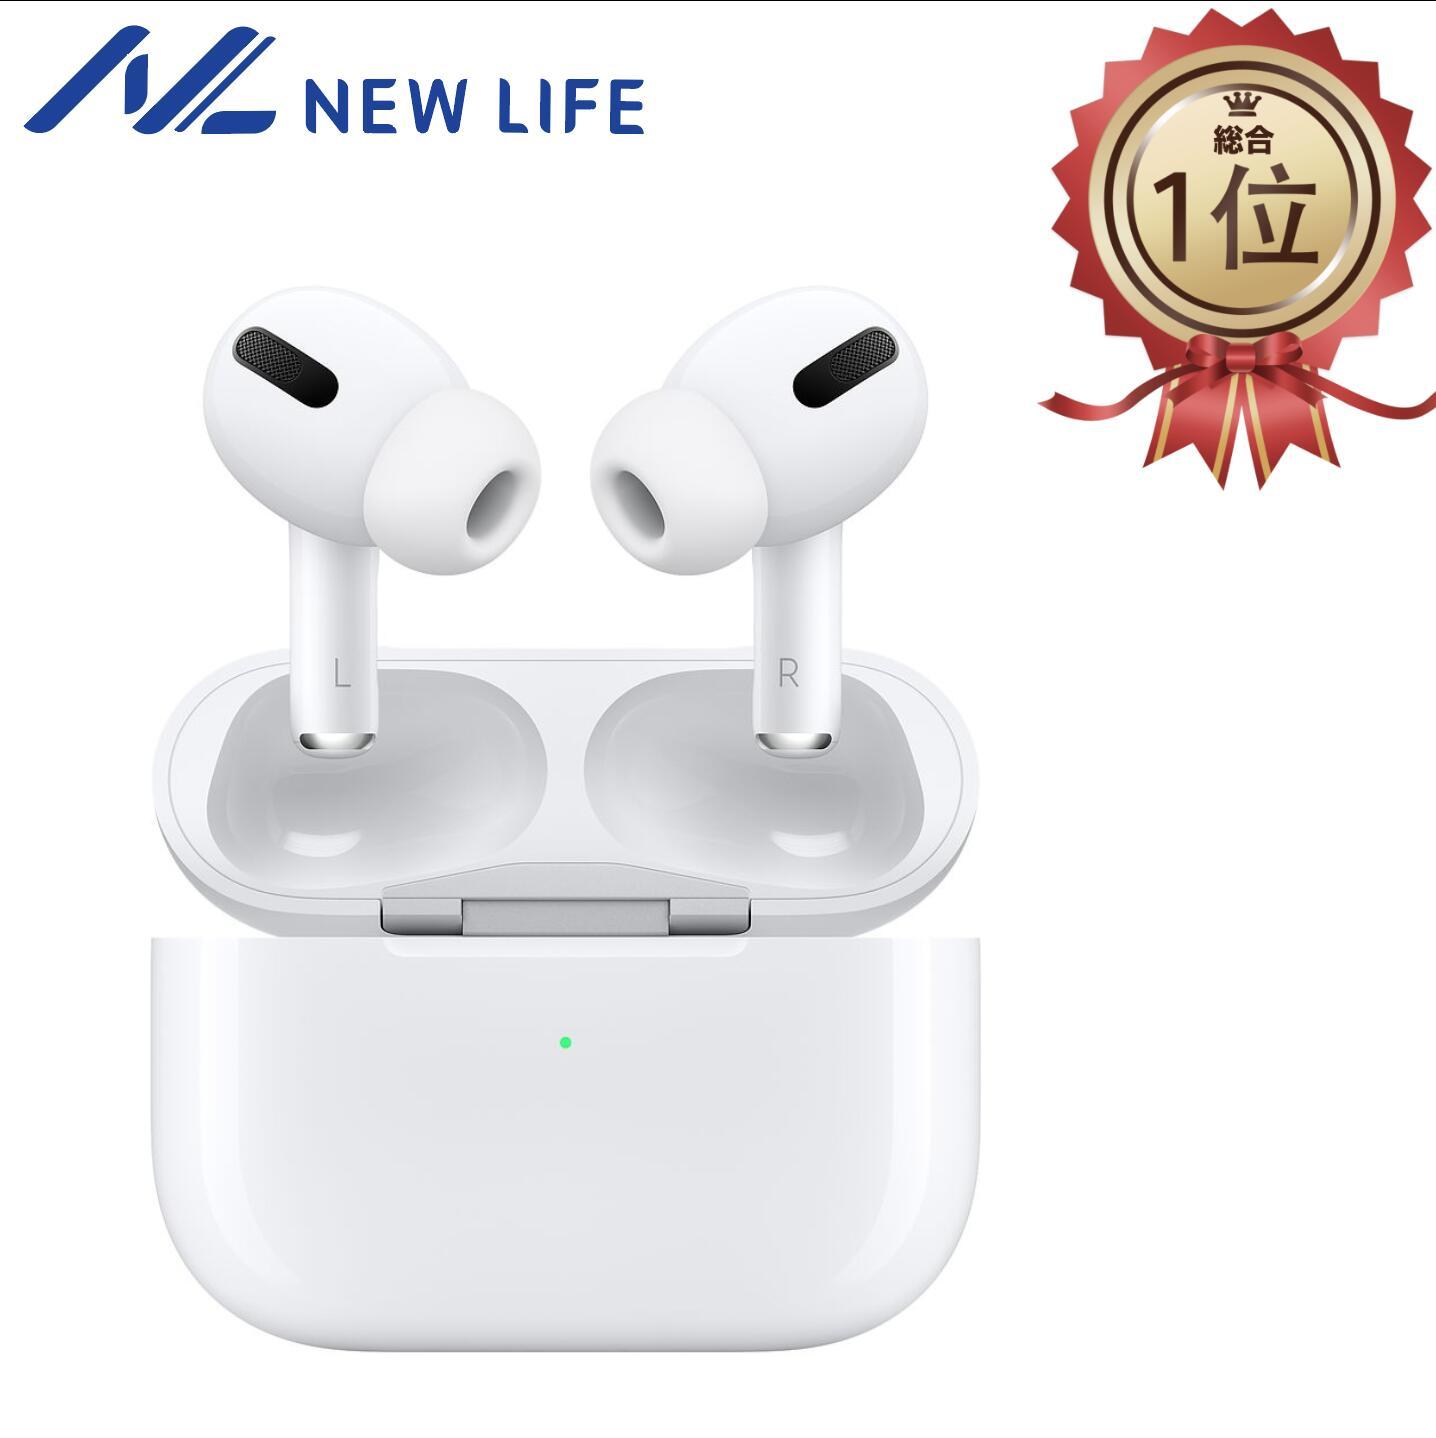 オーディオ, ヘッドホン・イヤホン AirPods Pro Apple mwp22ja